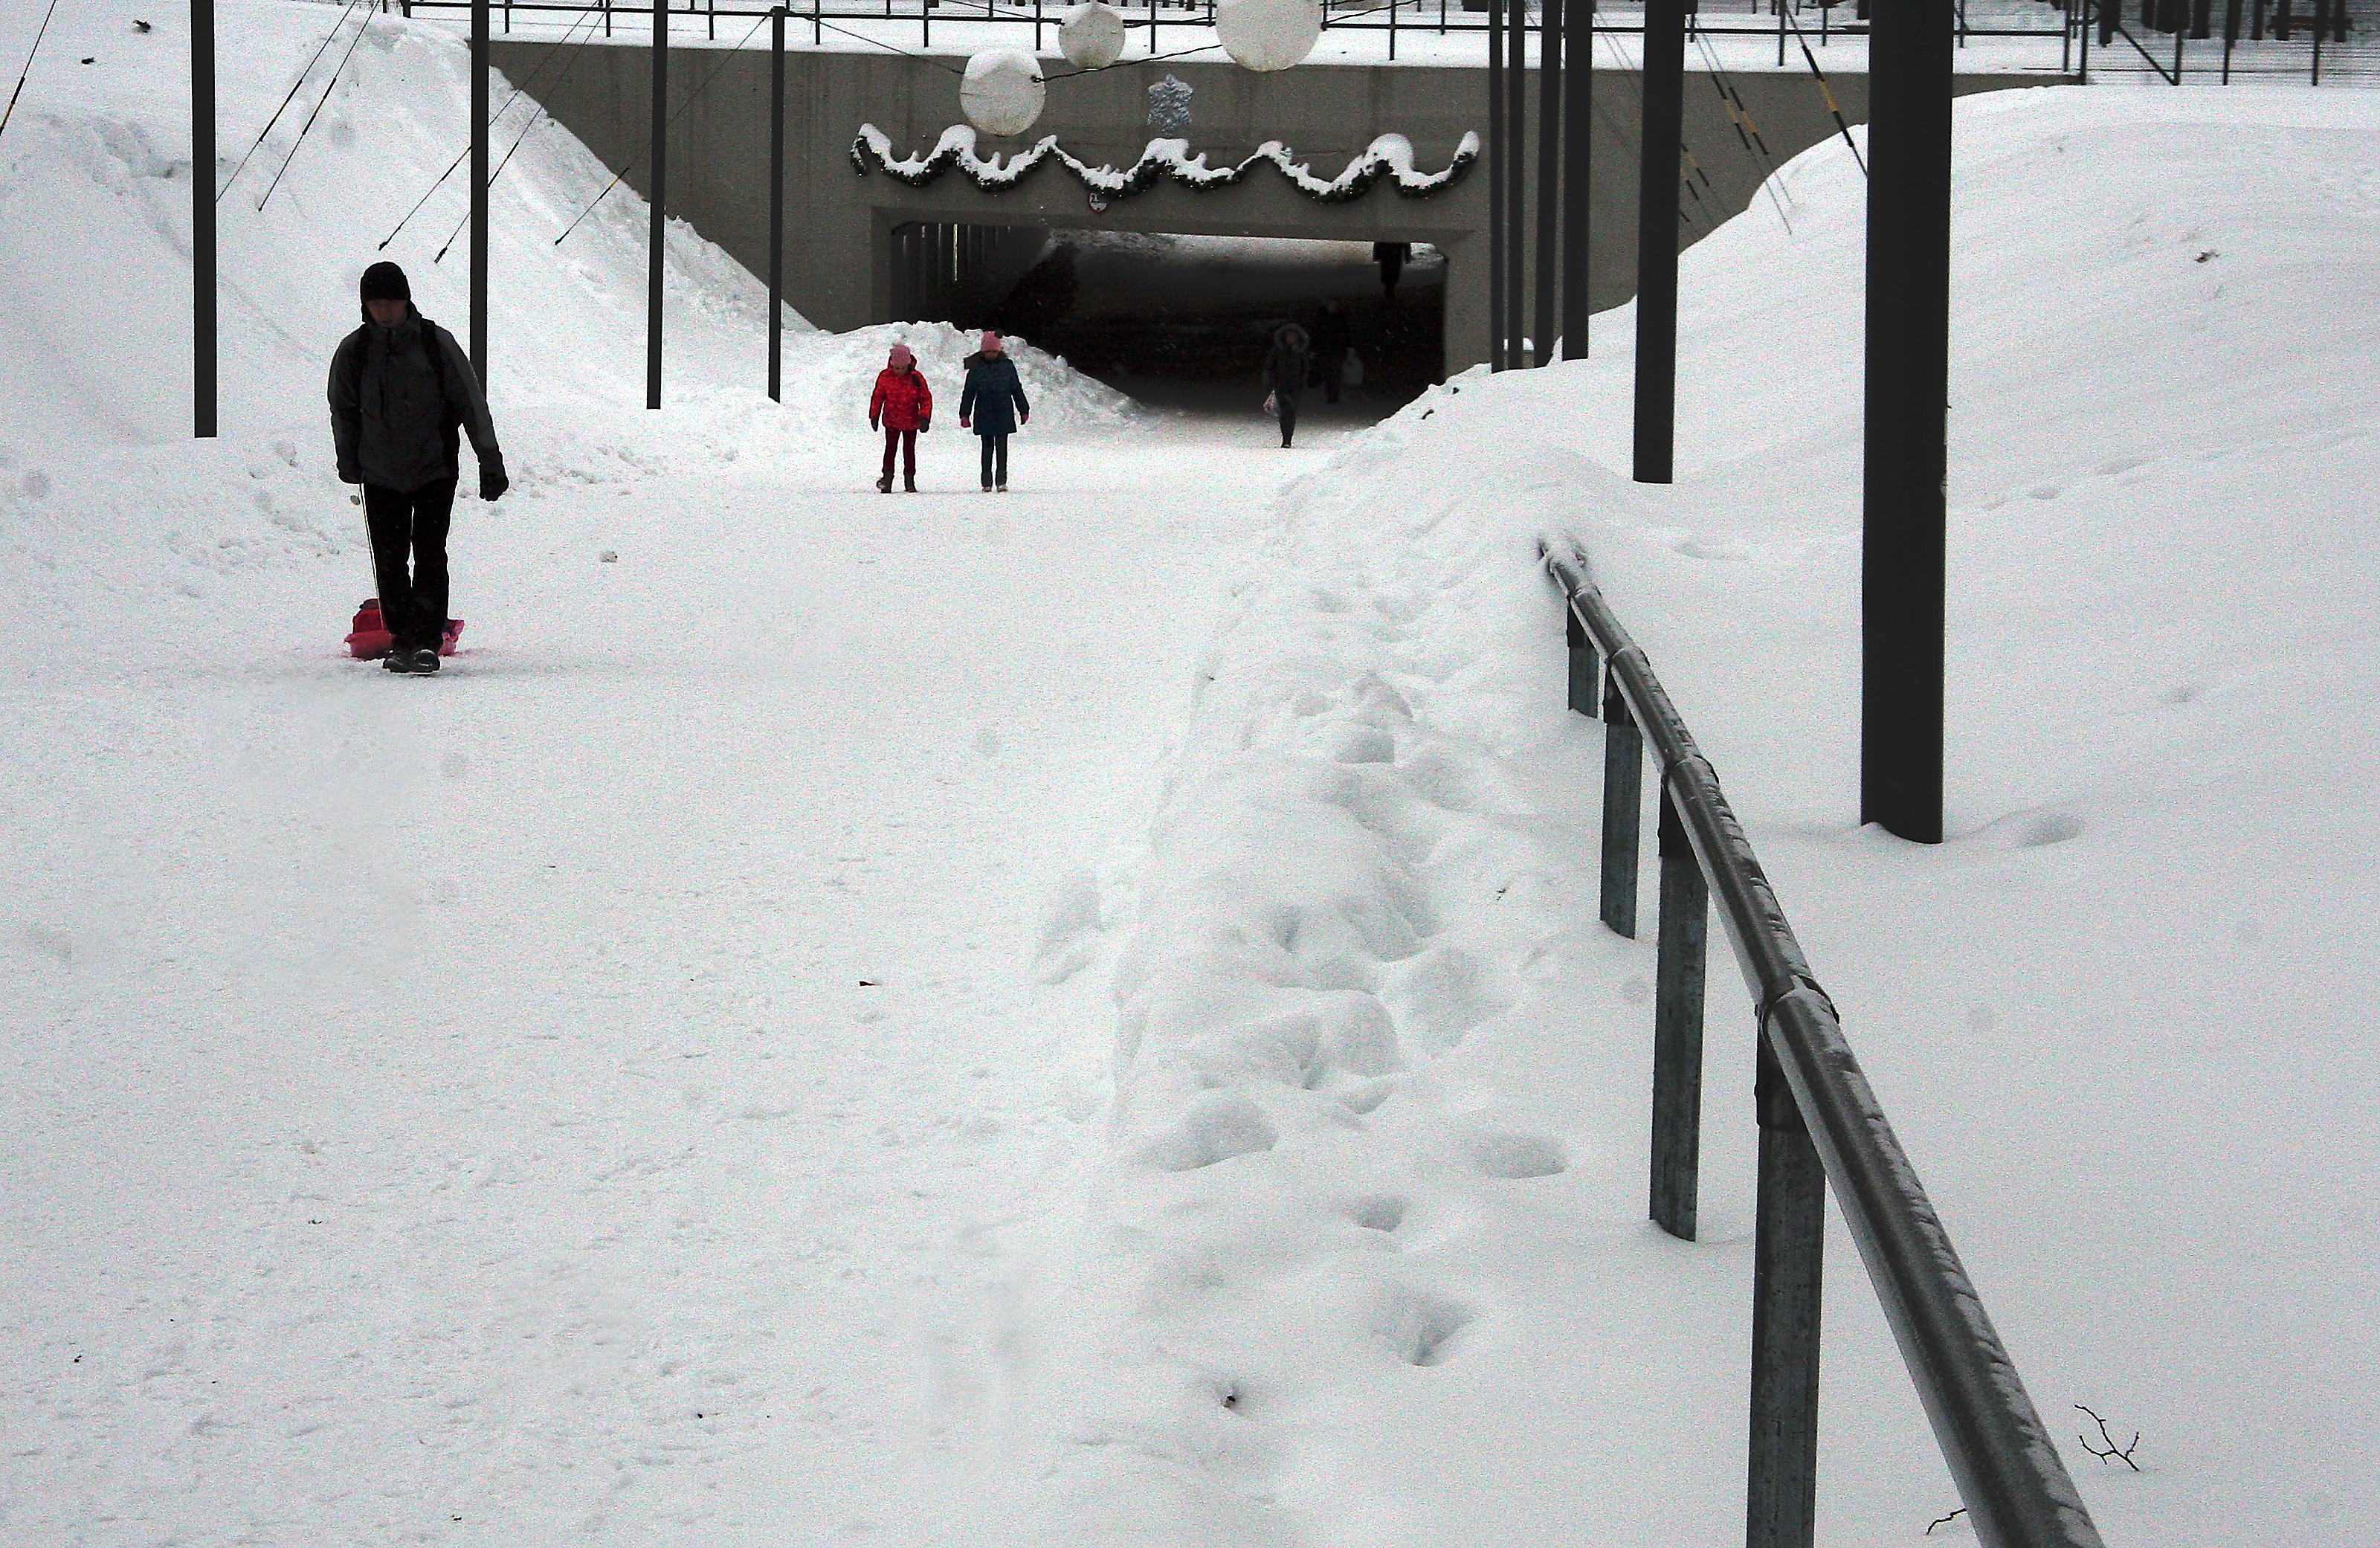 PABERLEHT 10. JAANUARIL – lumepudrused tänavad, 100 aastane lahing, laadad suretavad väikepoode